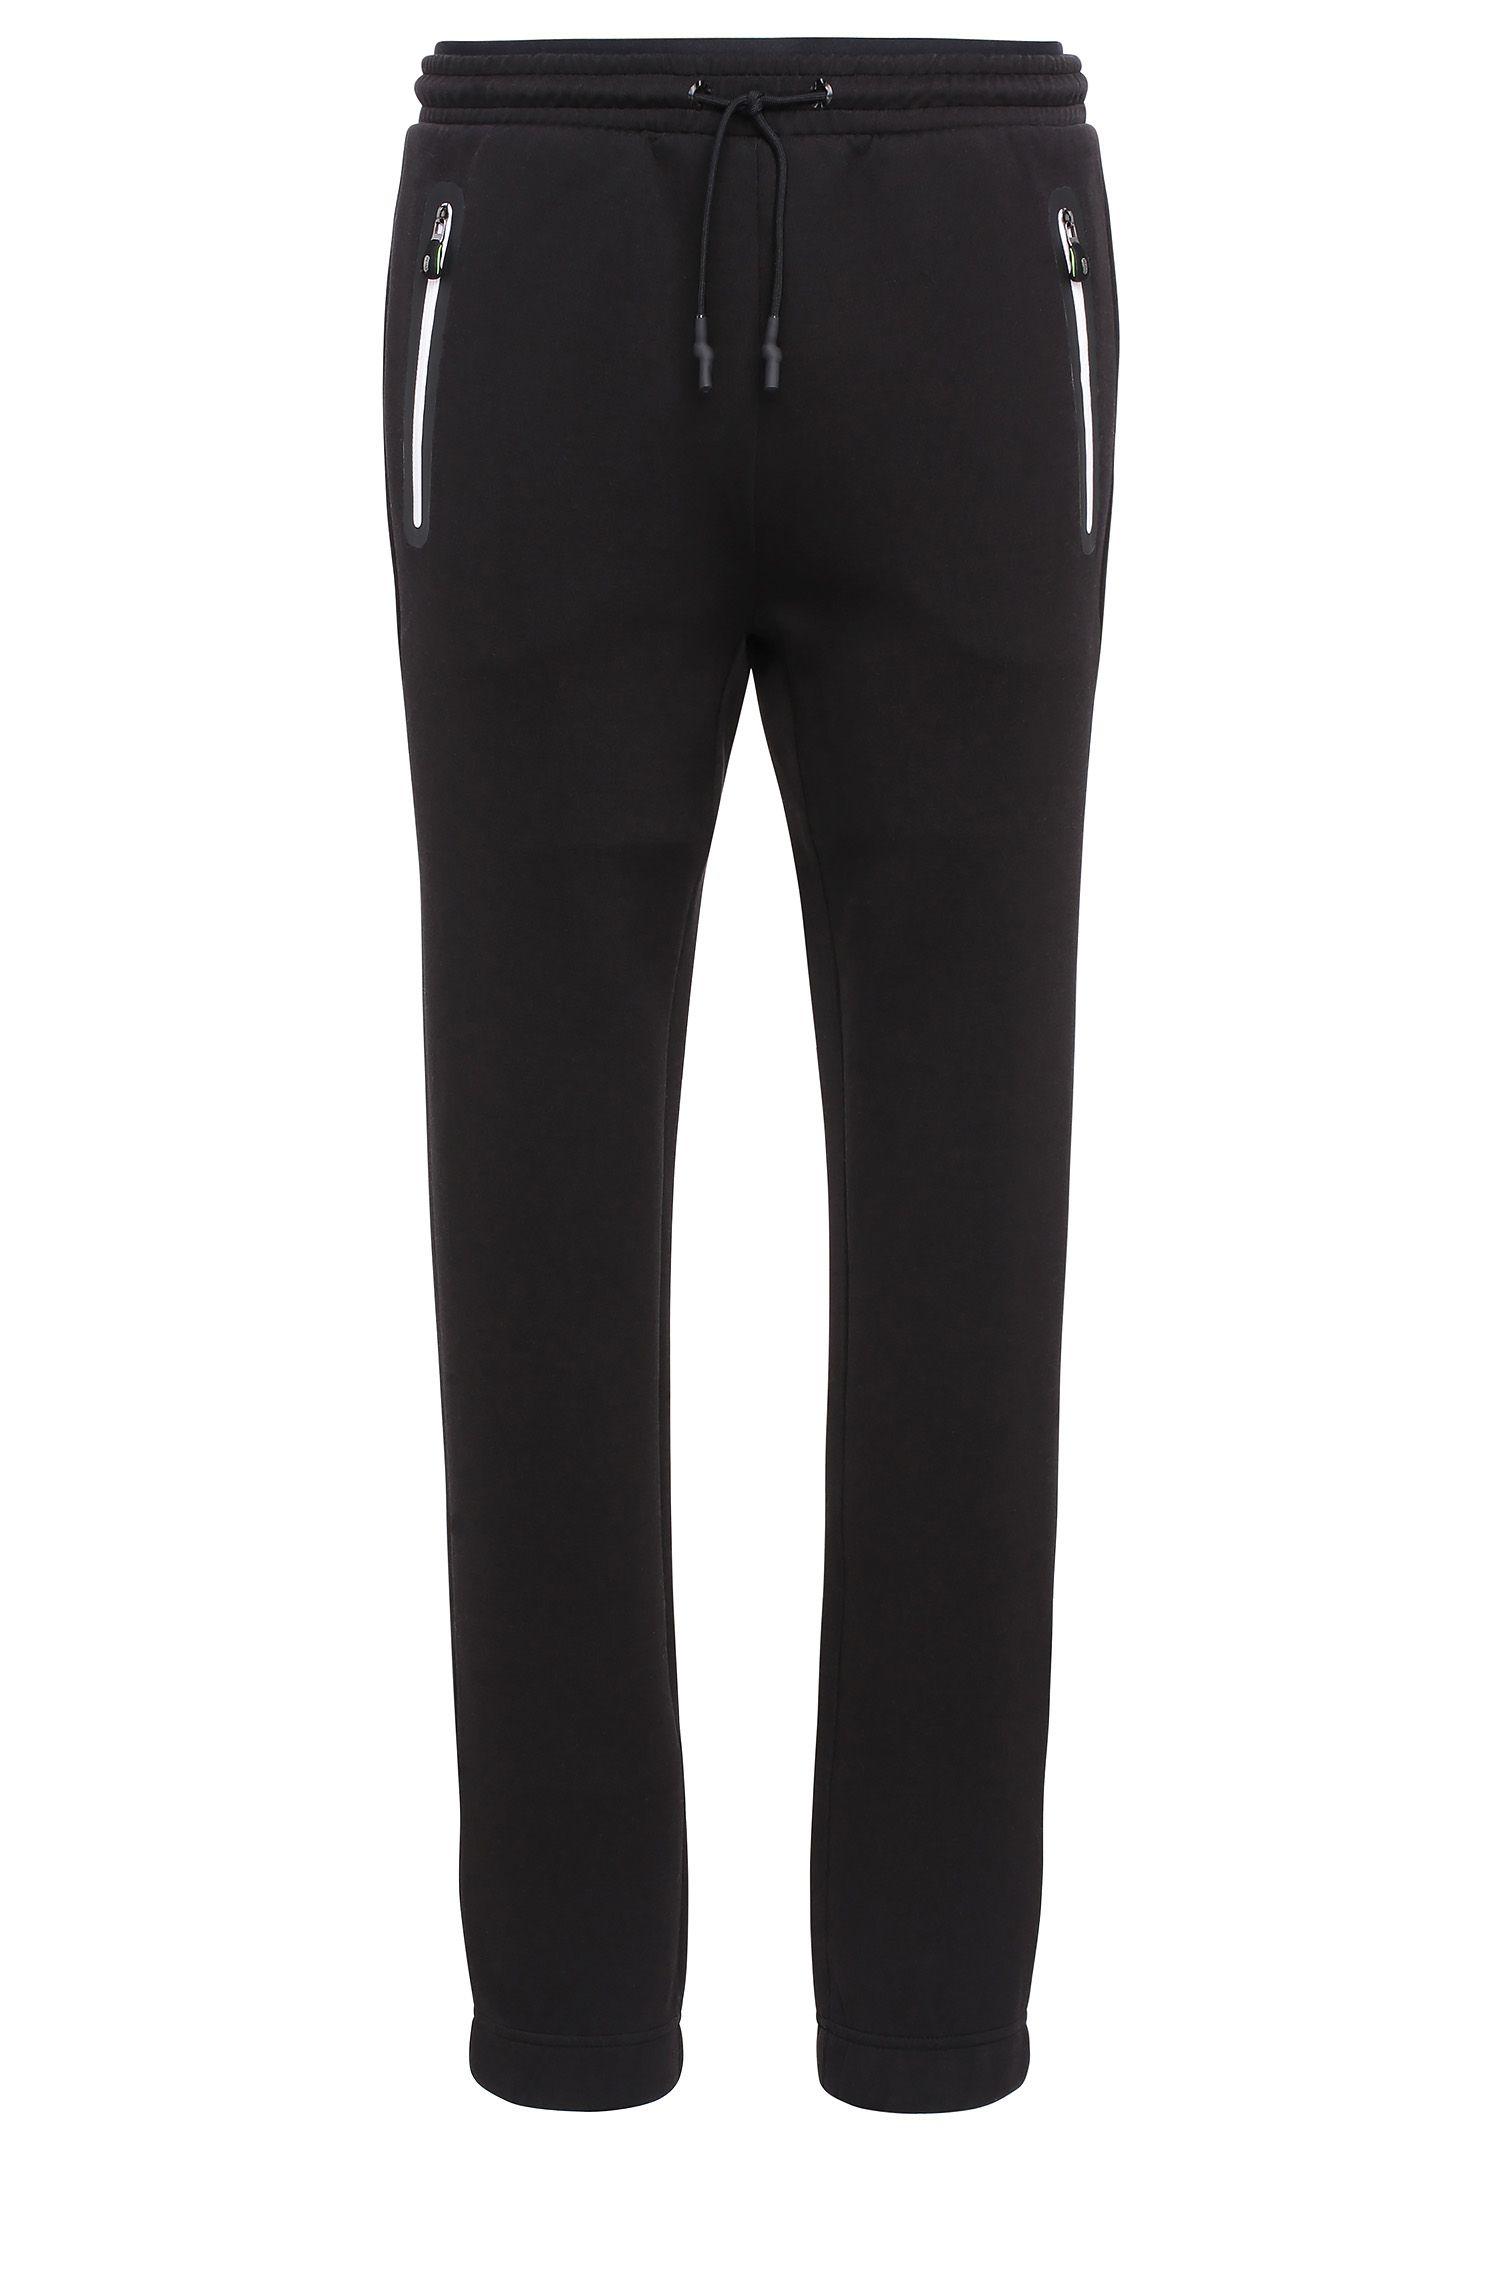 'Heacho' | Cotton Blend Sweatpants